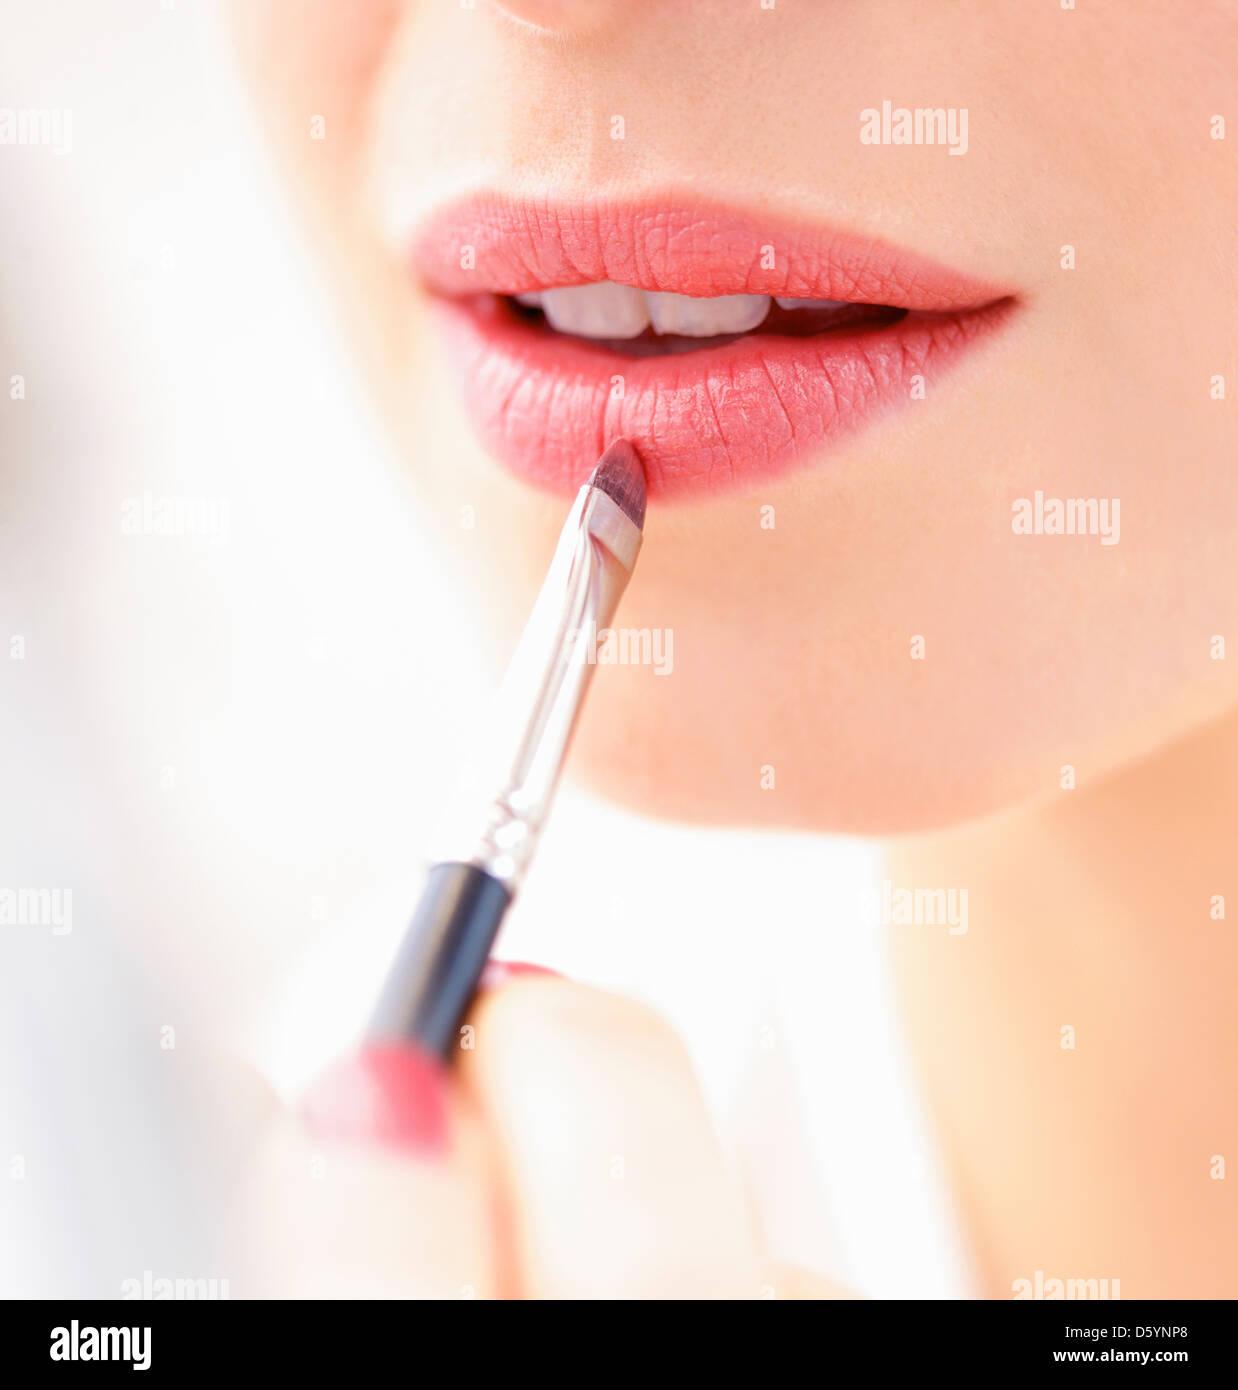 Frau Auftragen von Lippenstift mit Make-up Pinsel, Nahaufnahme Stockfoto